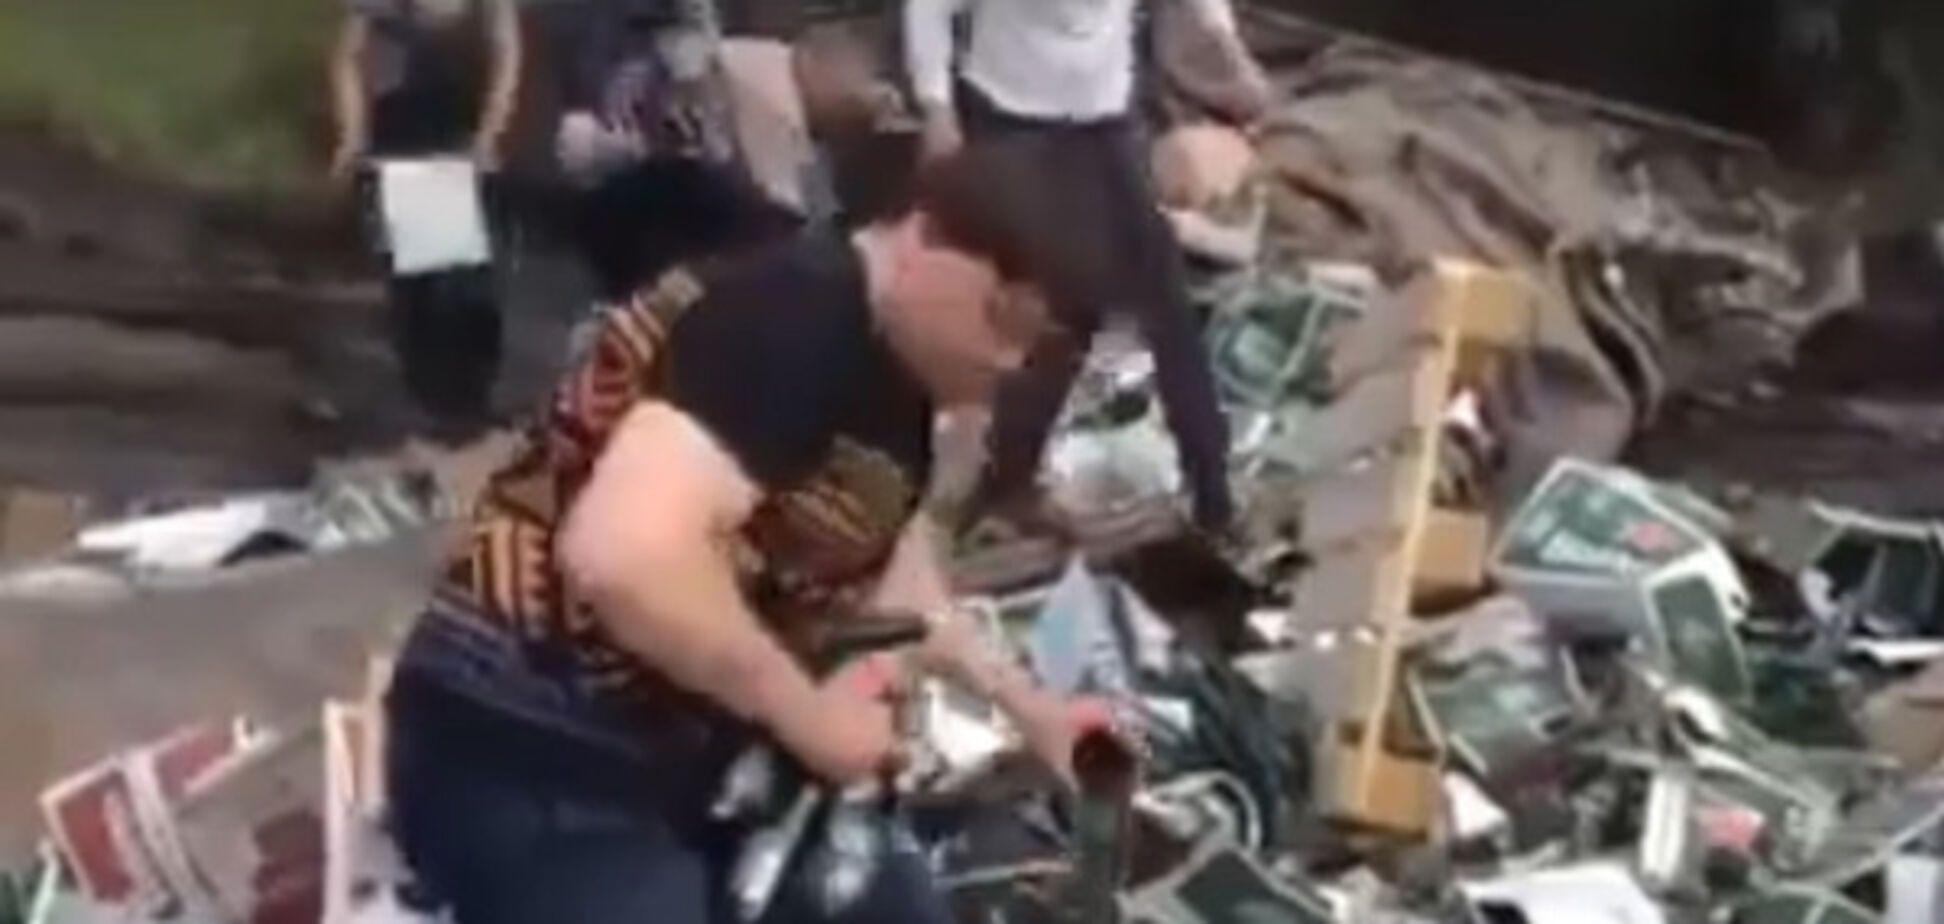 Россияне впали в бешенство из-за халявного пива из перевернувшейся фуры